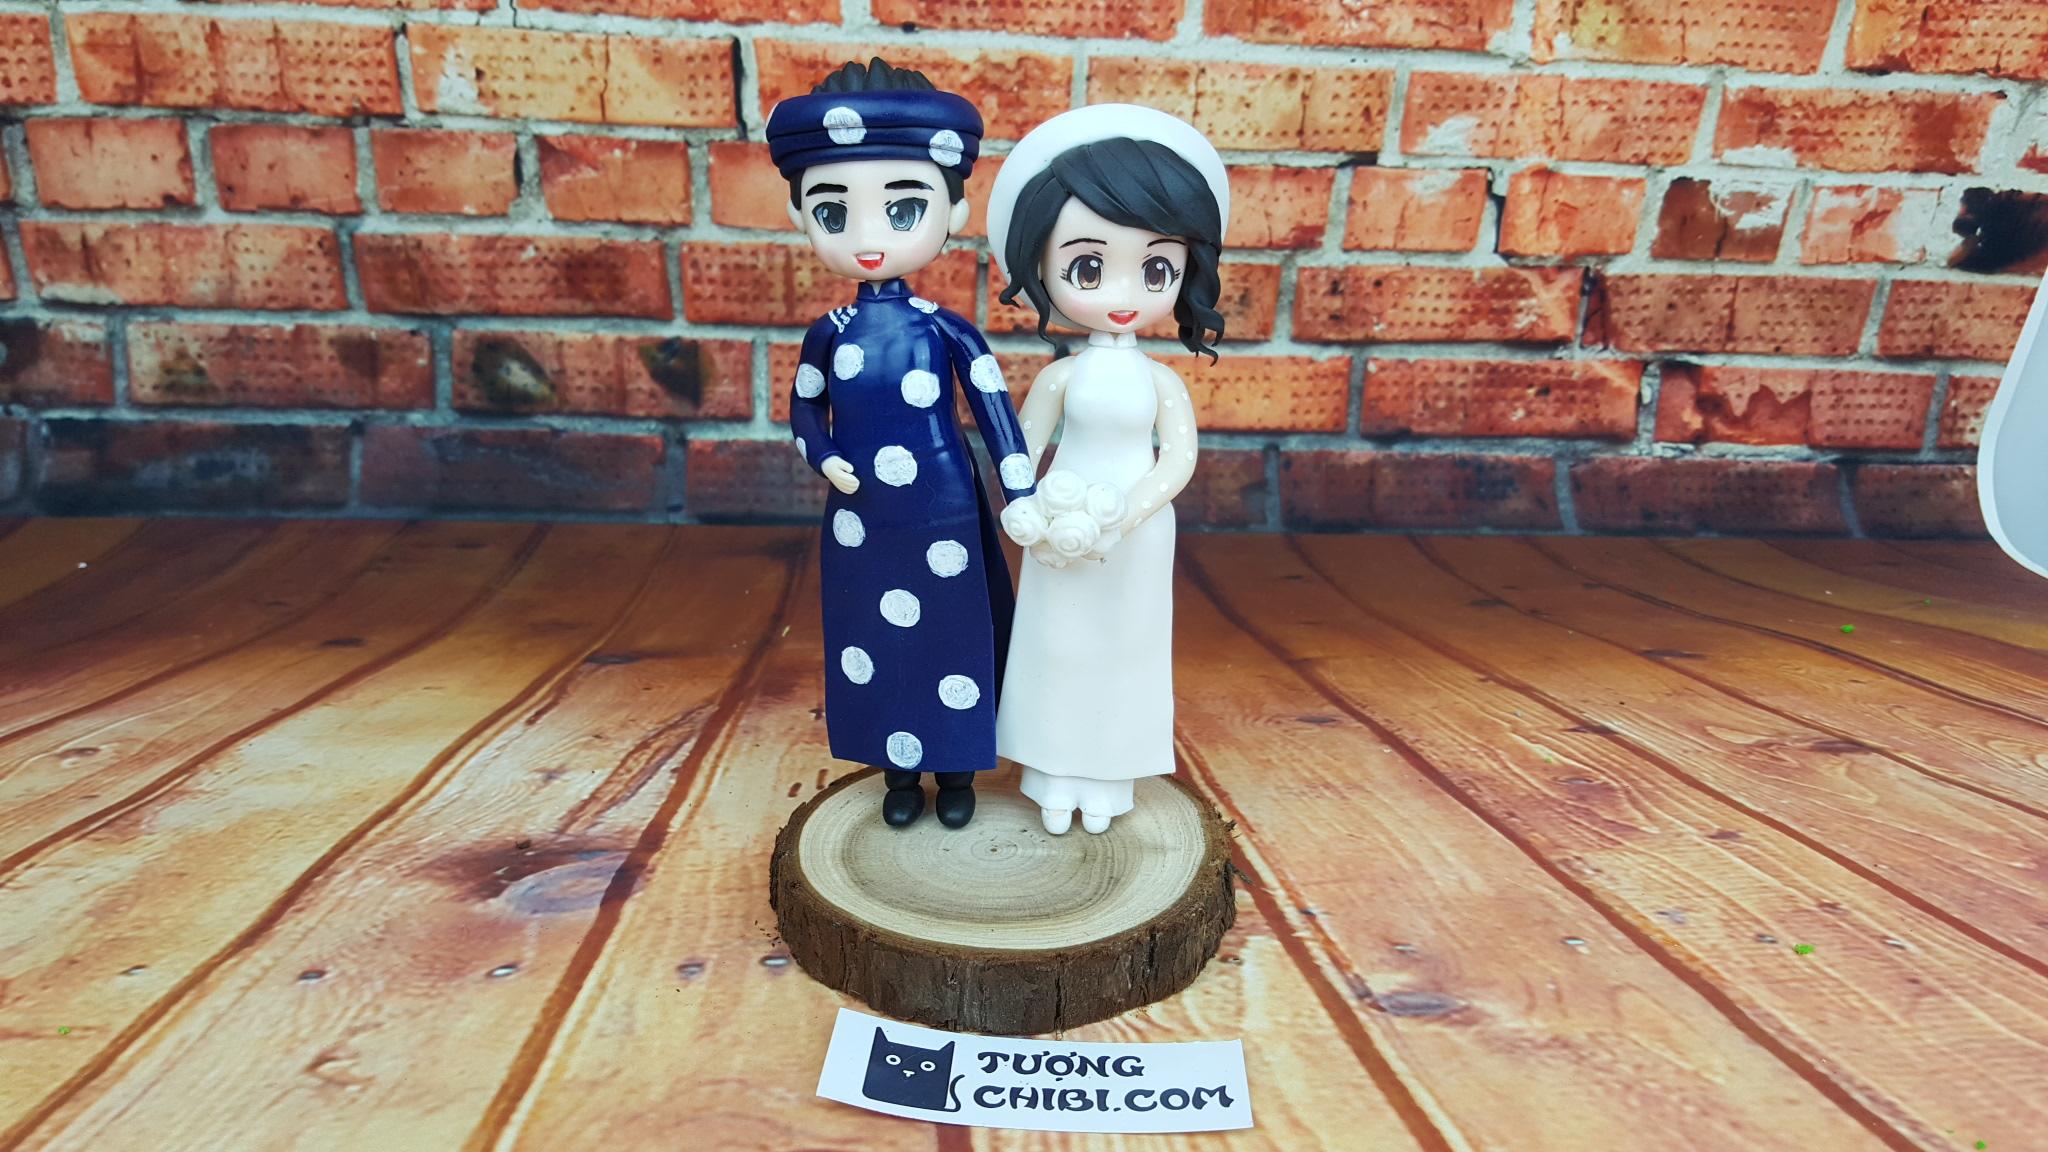 quà lưu niệm hà nội của tượng chibi tamy【Mua Ngay】 【Click Ngay】